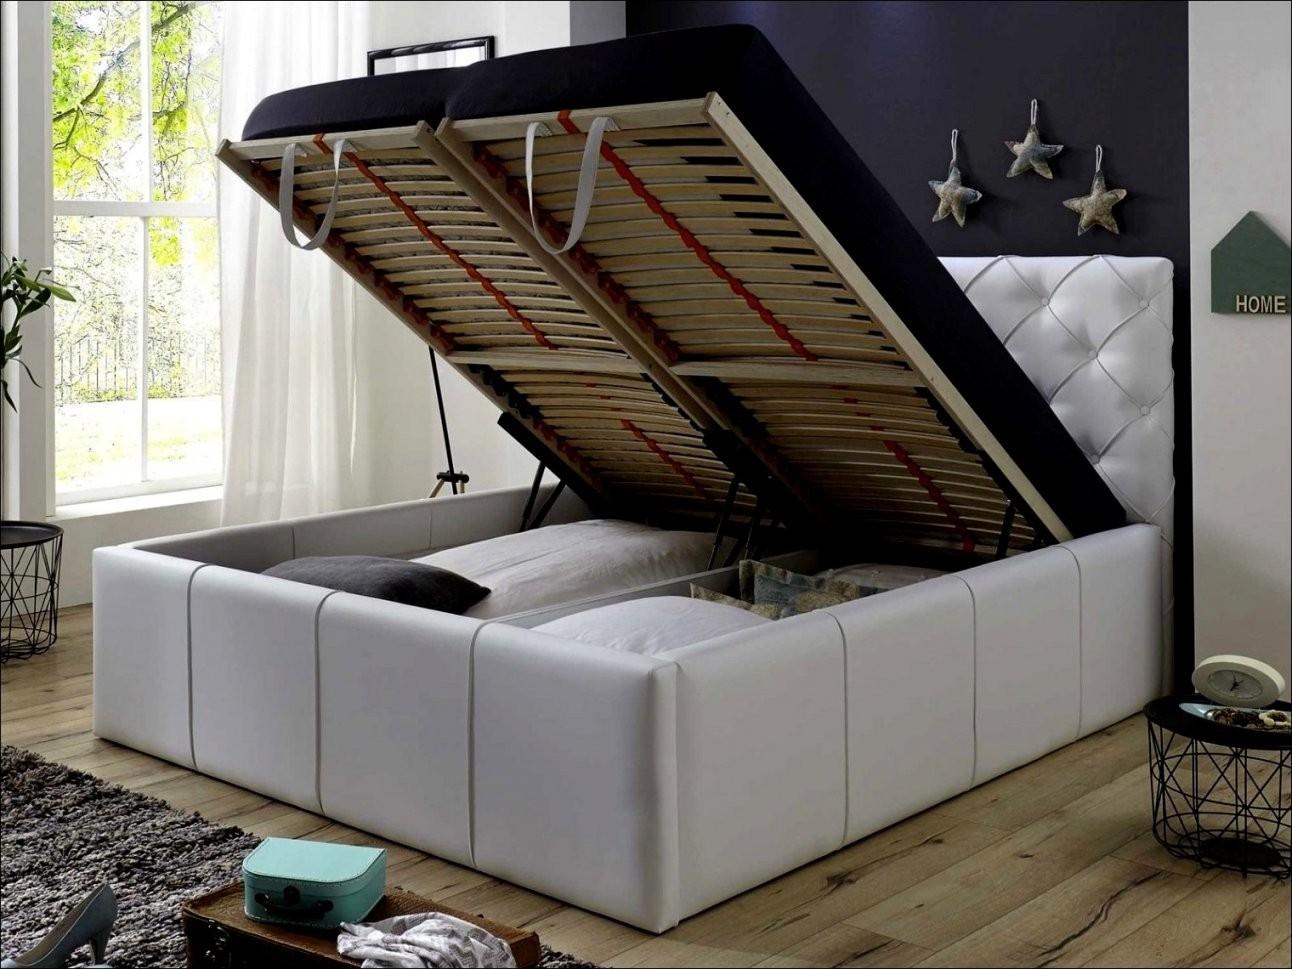 Enorm Bett Mit Bettkasten 180X200 Betten Zum Luxurios Perfekt Kinder von Otto Polsterbett Mit Bettkasten Bild